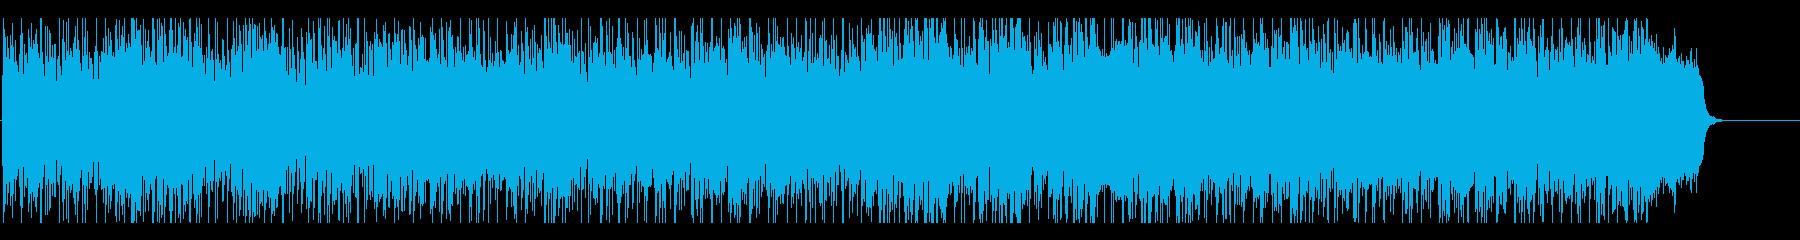 リゾート気分なCM・情報番組向けボサノバの再生済みの波形